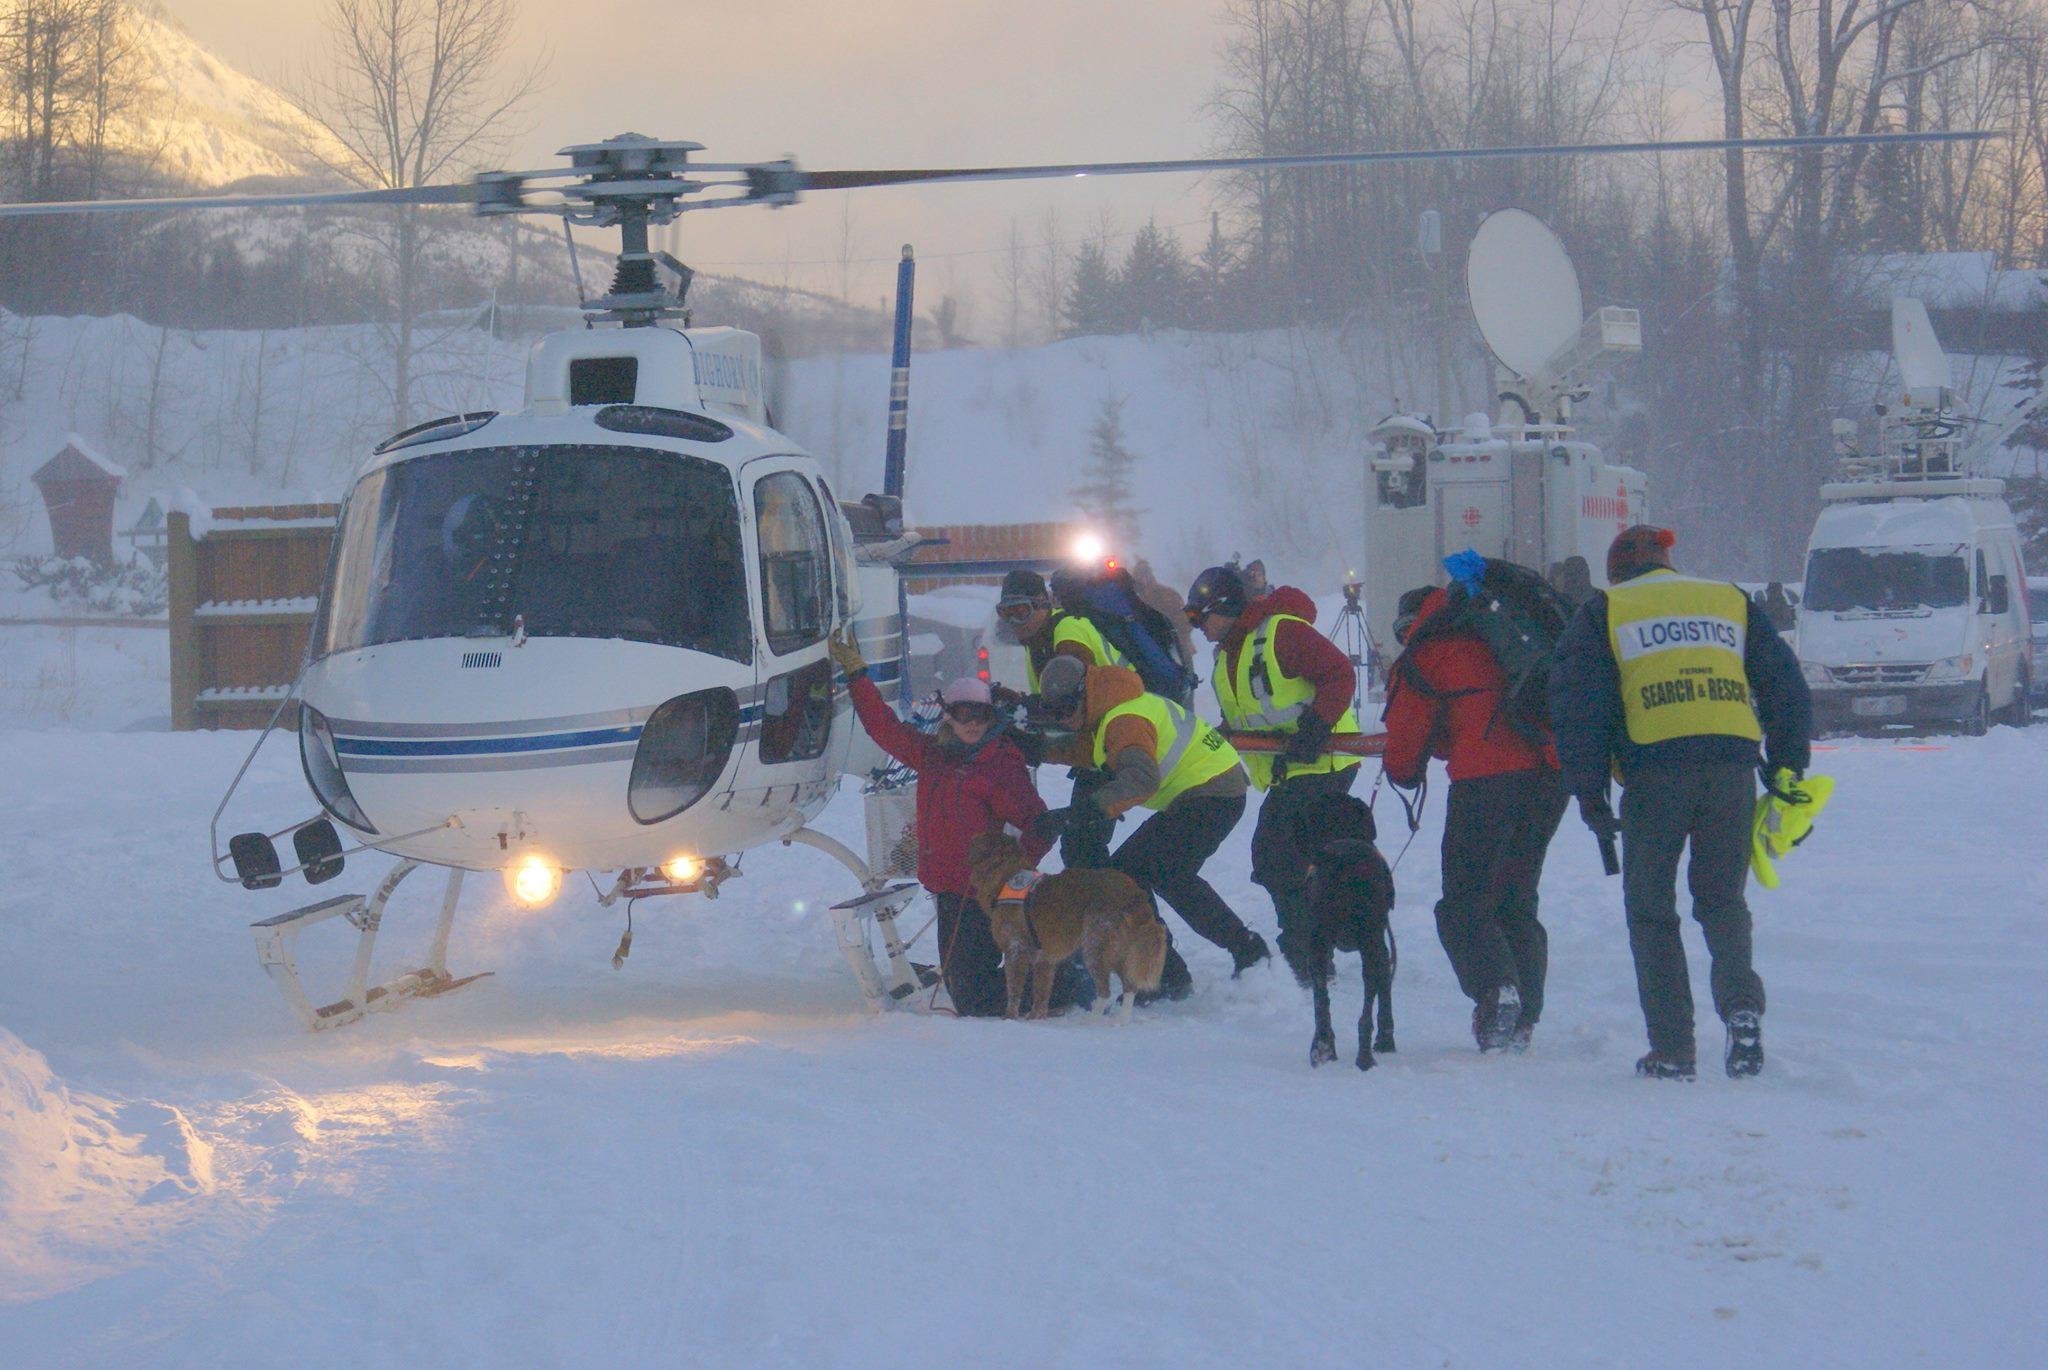 Alberta man dies in avalanche near Fernie